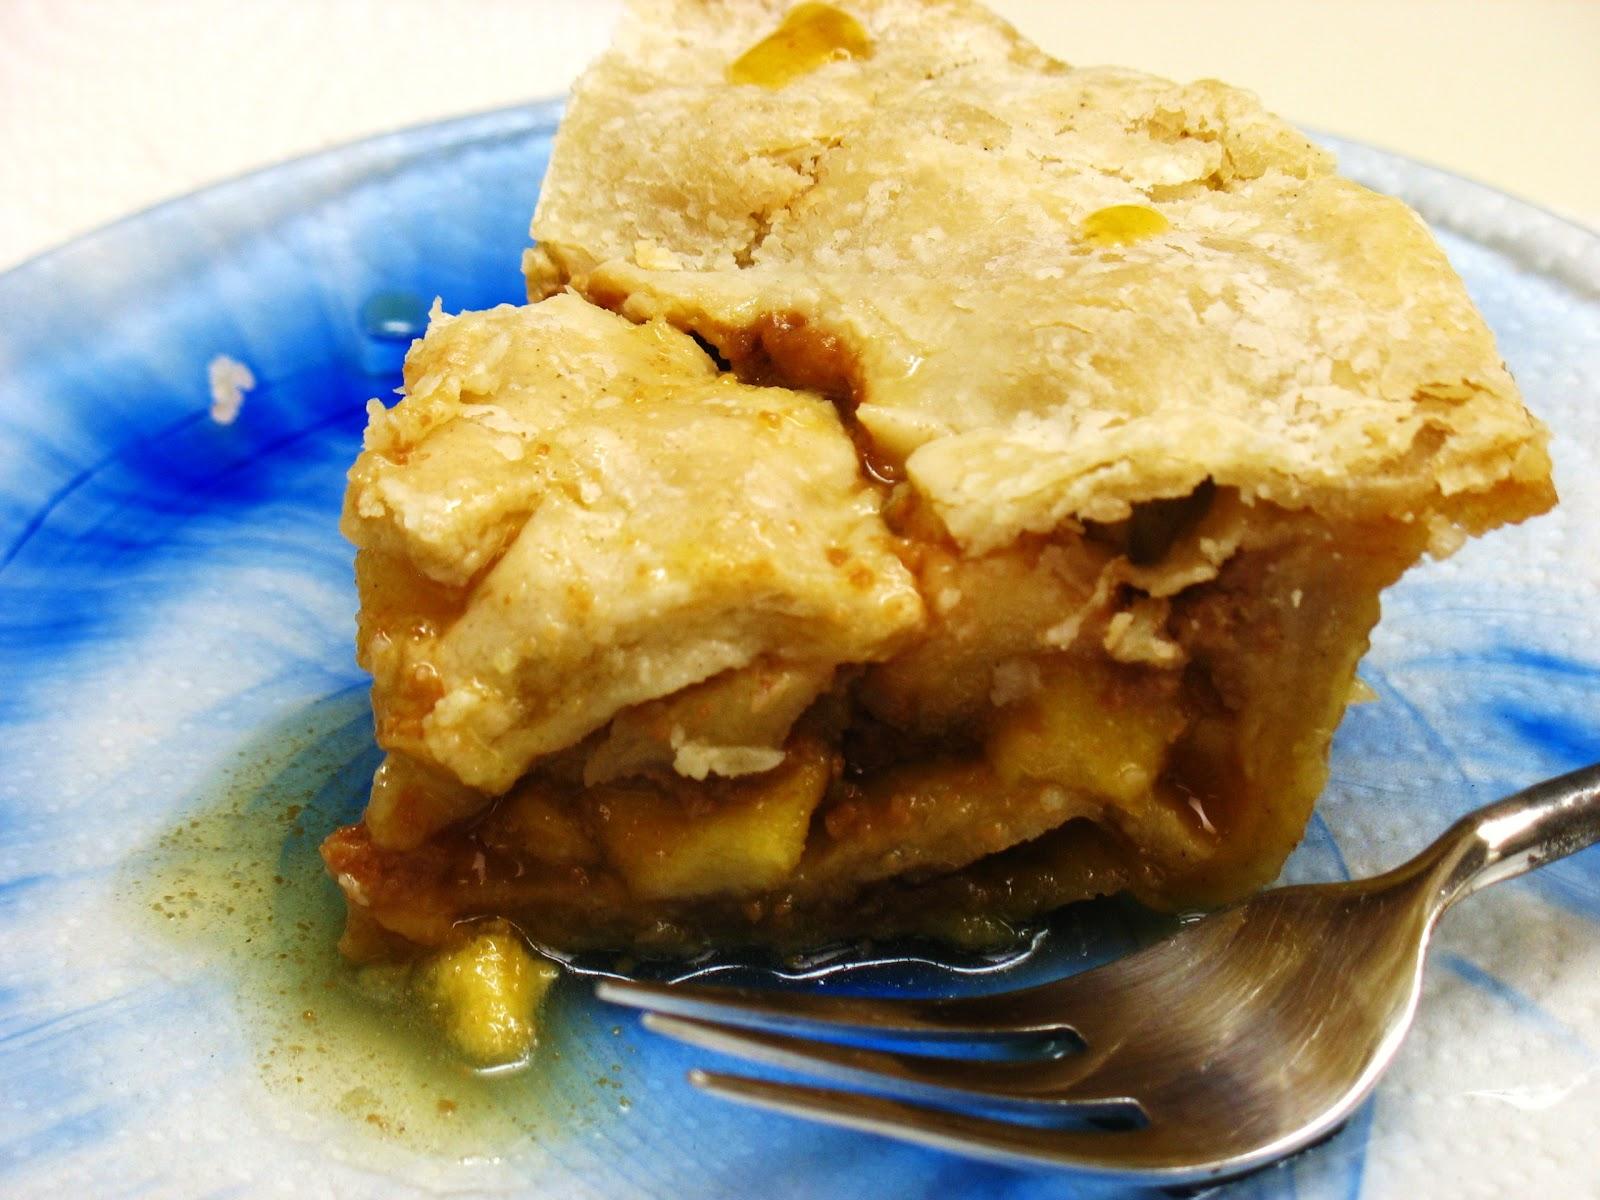 Gluten free old fashioned apple pie